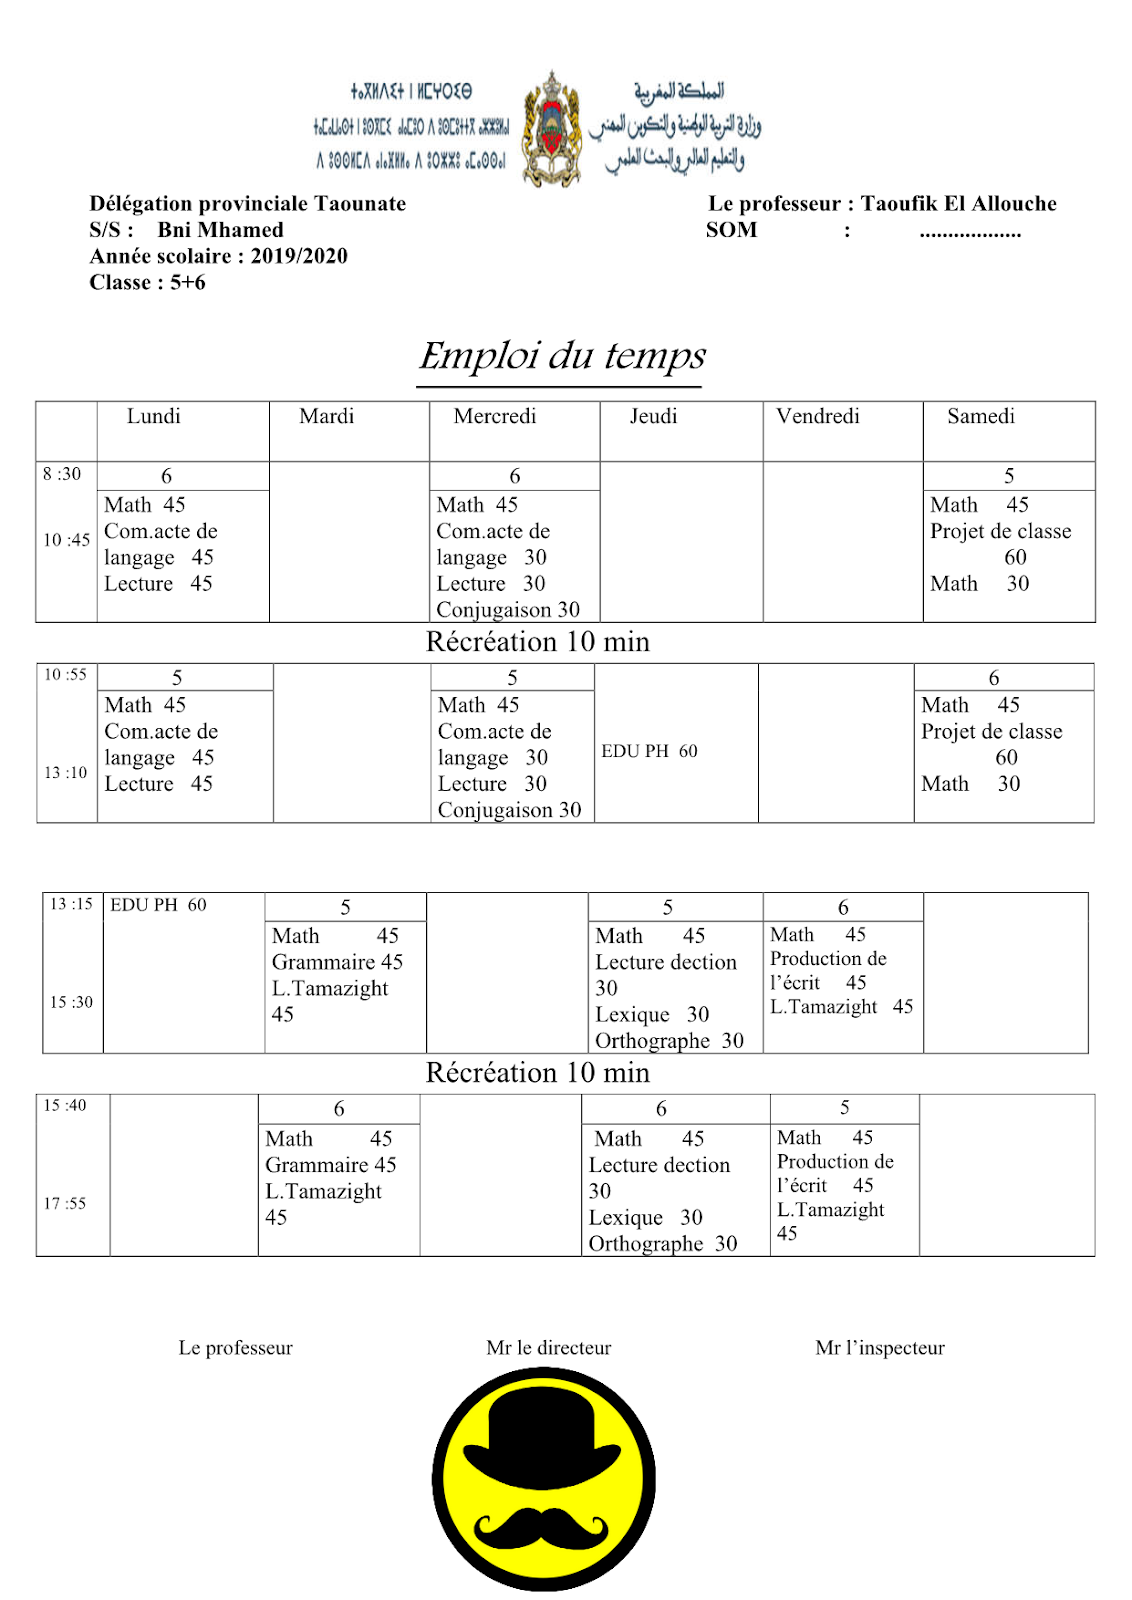 استعمال الزمن للقسمين الخامس و السادس ابتدائي - اللغة الفرنسية - نموذج 2